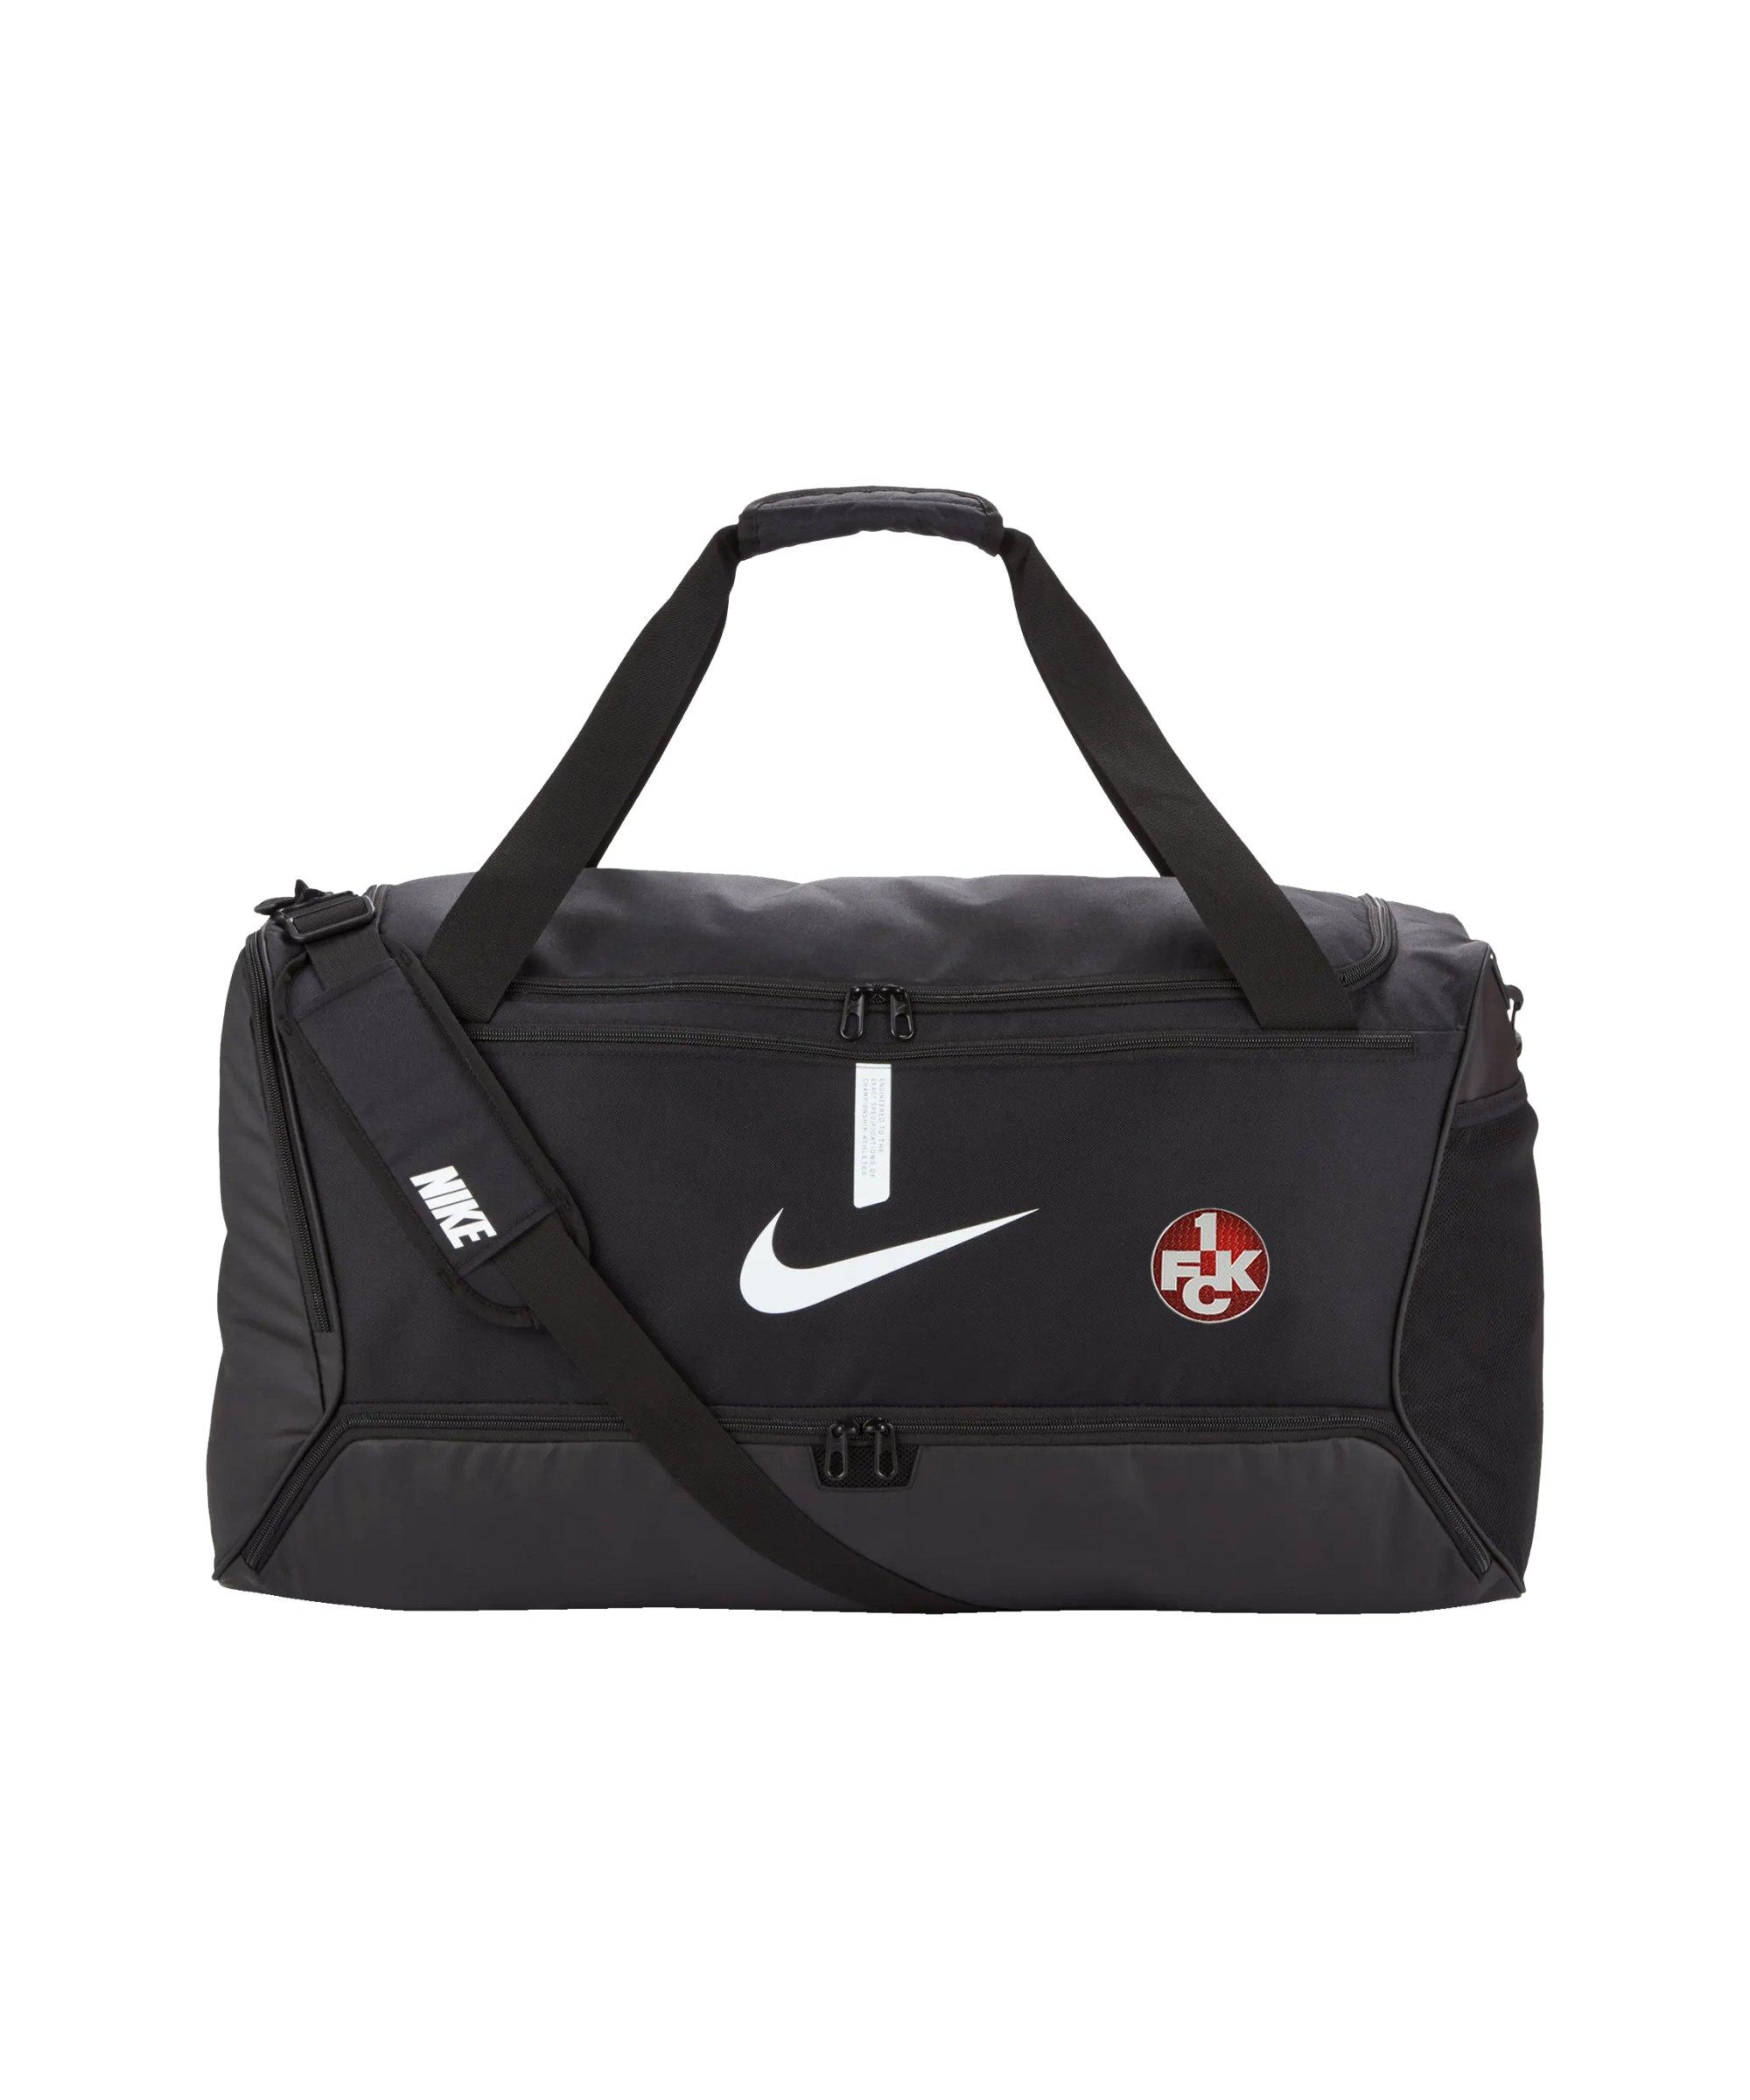 Nike 1. FC Kaiserslautern Tasche Schwarz F010 - schwarz